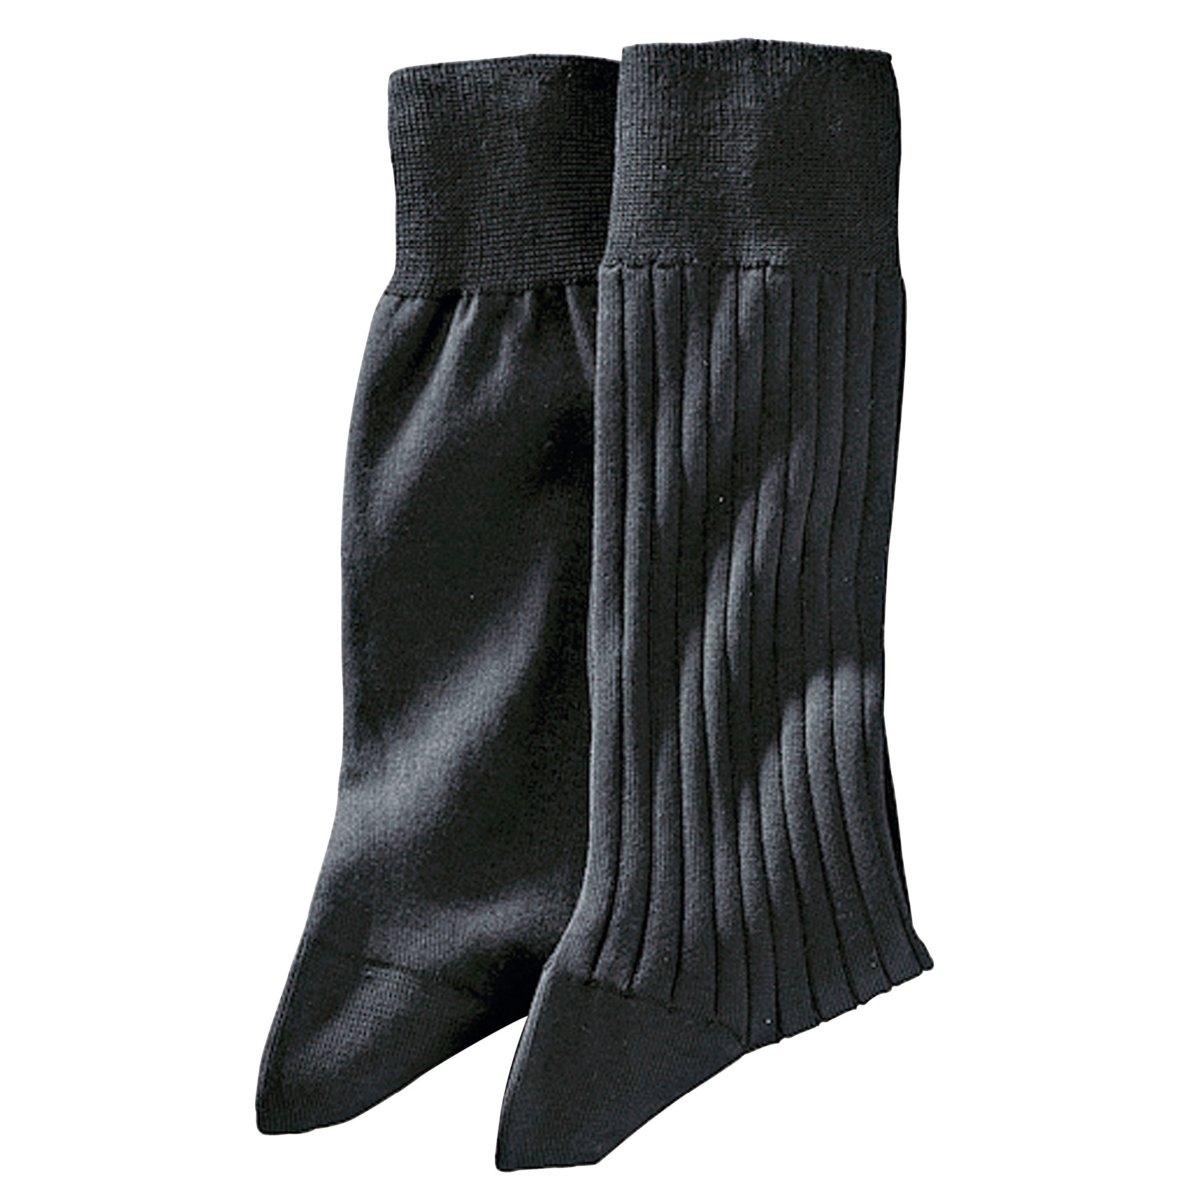 Комплект из 2 пар носков, 100% фильдекосНоски, 100% фильдекос* (крученая хлопчатобумажная пряжа). Прочный и изящный на вид материал, который дарит ощущение прохлады. 1 пара из джерси + 1 пара в рубчик.* Фильдекос:Натуральная тонкая пряжа,  скручиваемая из нескольких ниток, которую используют только для производства носков самого высокого качества : Чтобы пряжа получила право носить имя фильдекос, она должна пройти 5 ступеней обработки :- Она производится только из длинных волокон хлопка.- Затем хлопок прочесывают, чтобы удалить все посторонние включения.- Операция опаливания позволяет устранить с поверхности все выступающие кончики, а значит, предотвратить скатывание ткани в дальнейшем.- Кручение пряжи, когда из двух нитей получают одну, значительно повышает ее прочность.-  Наконец, мерсеризация придает ткани превосходную способность впитывать влагу тела (лучше, чем у классического хлопкового волокна), а также дарит ткани мягкость и атласный внешний вид.Чтобы дольше сохранить превосходное качество изделия, рекомендуем стирать его, вывернув наизнанку.<br><br>Цвет: черный<br>Размер: 41/42.45/46.39/40.43/44